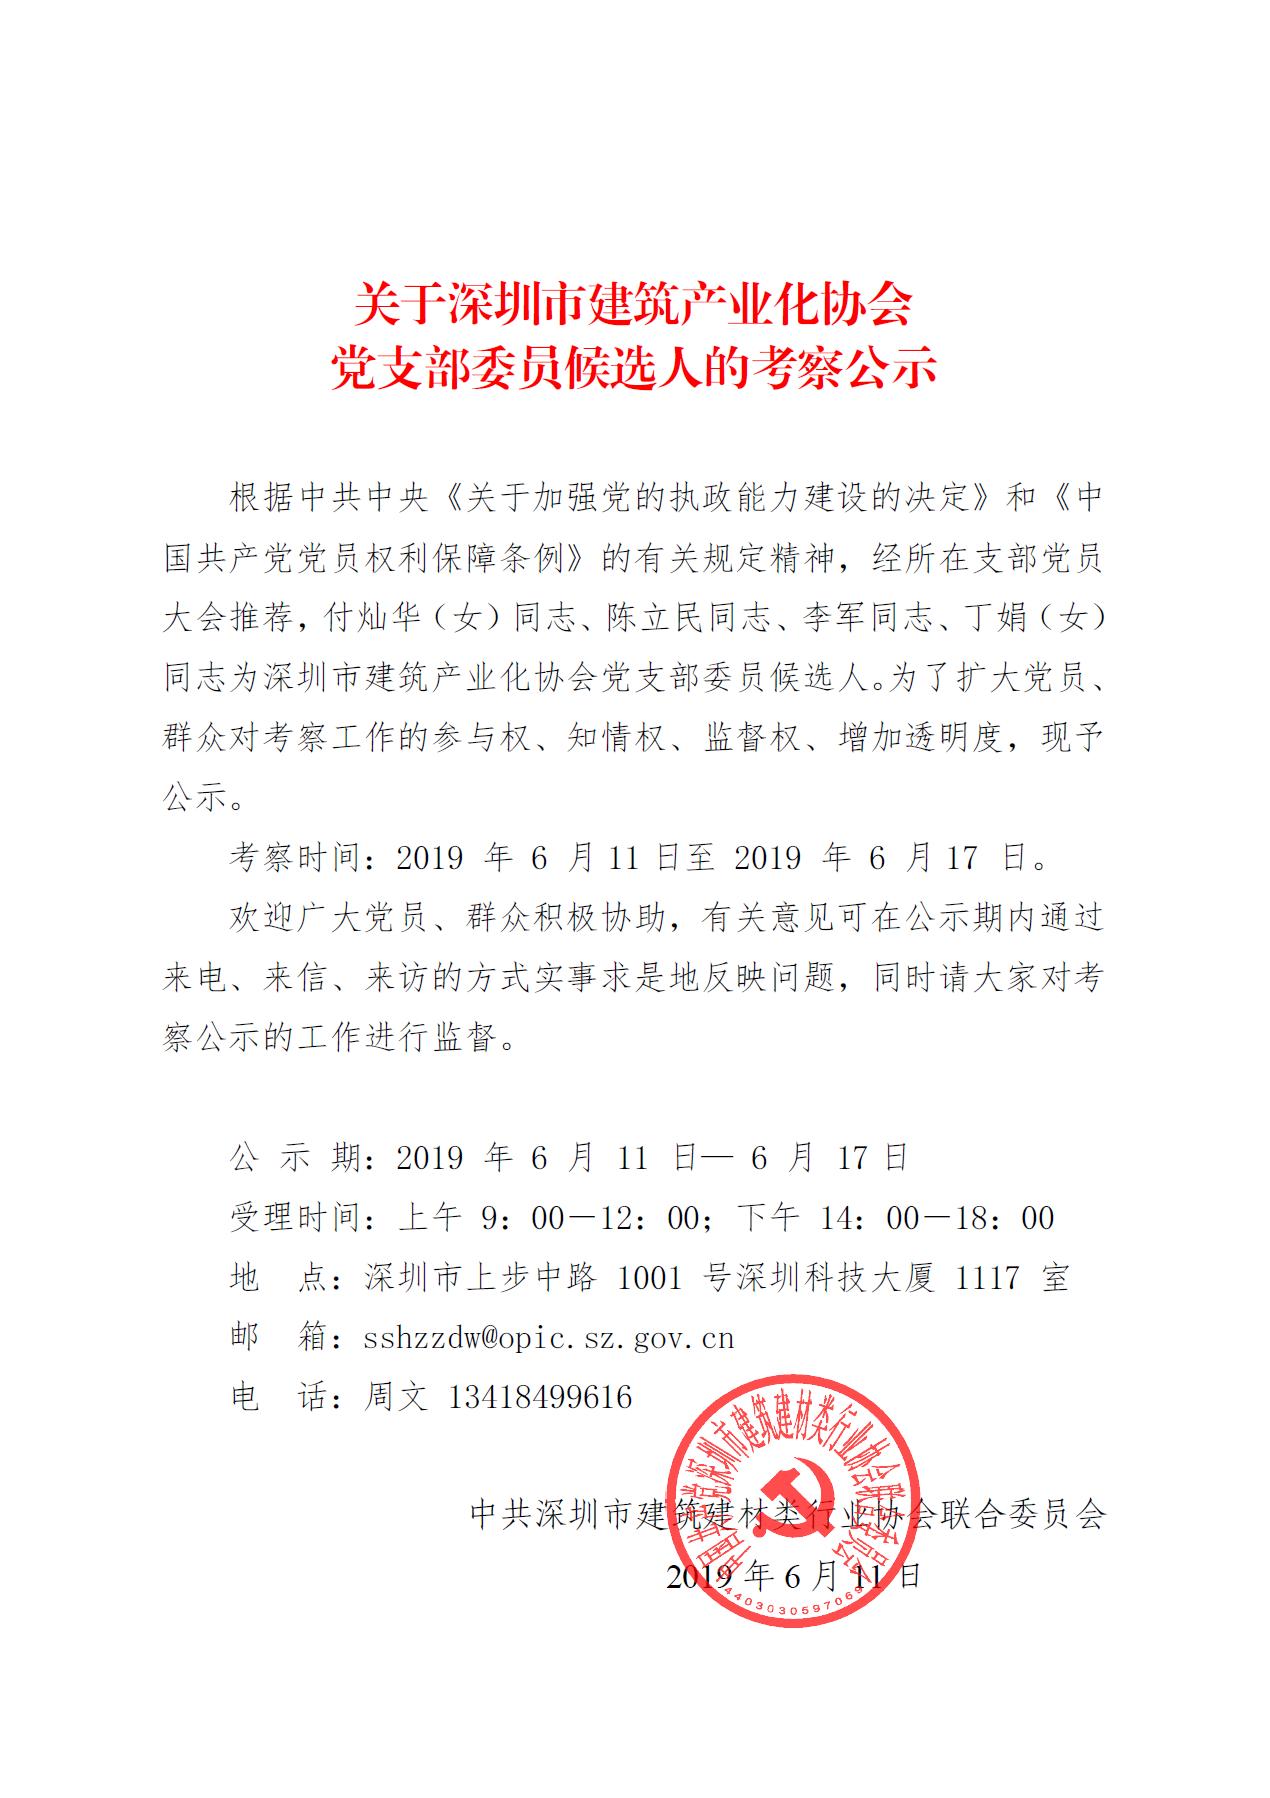 关于深圳市建筑产业化协会党支部委员候选人的考察公示